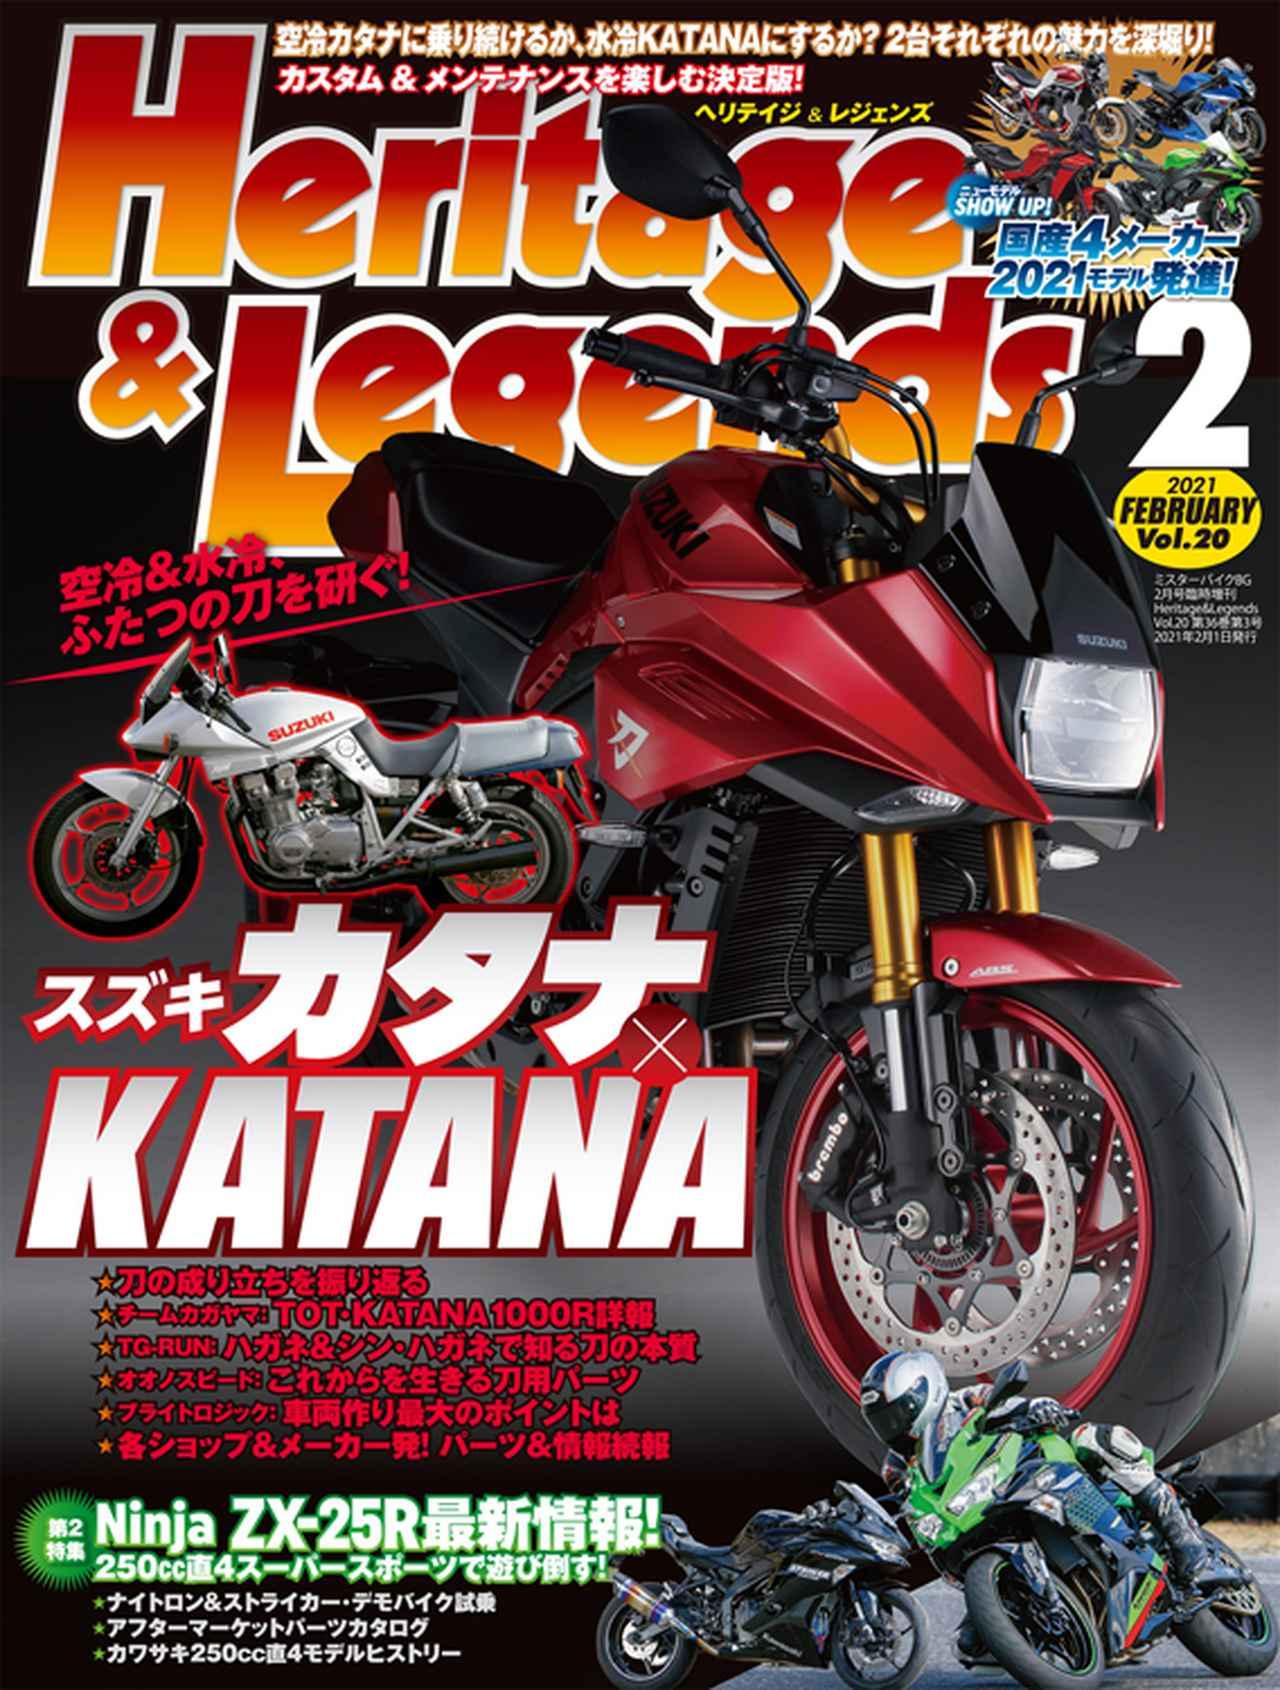 画像: 月刊ヘリテイジ&レジェンズ。2021年2月号(Vol.20)は通常より5日早い12月22日(火)に発売しました! | ヘリテイジ&レジェンズ|Heritage& Legends